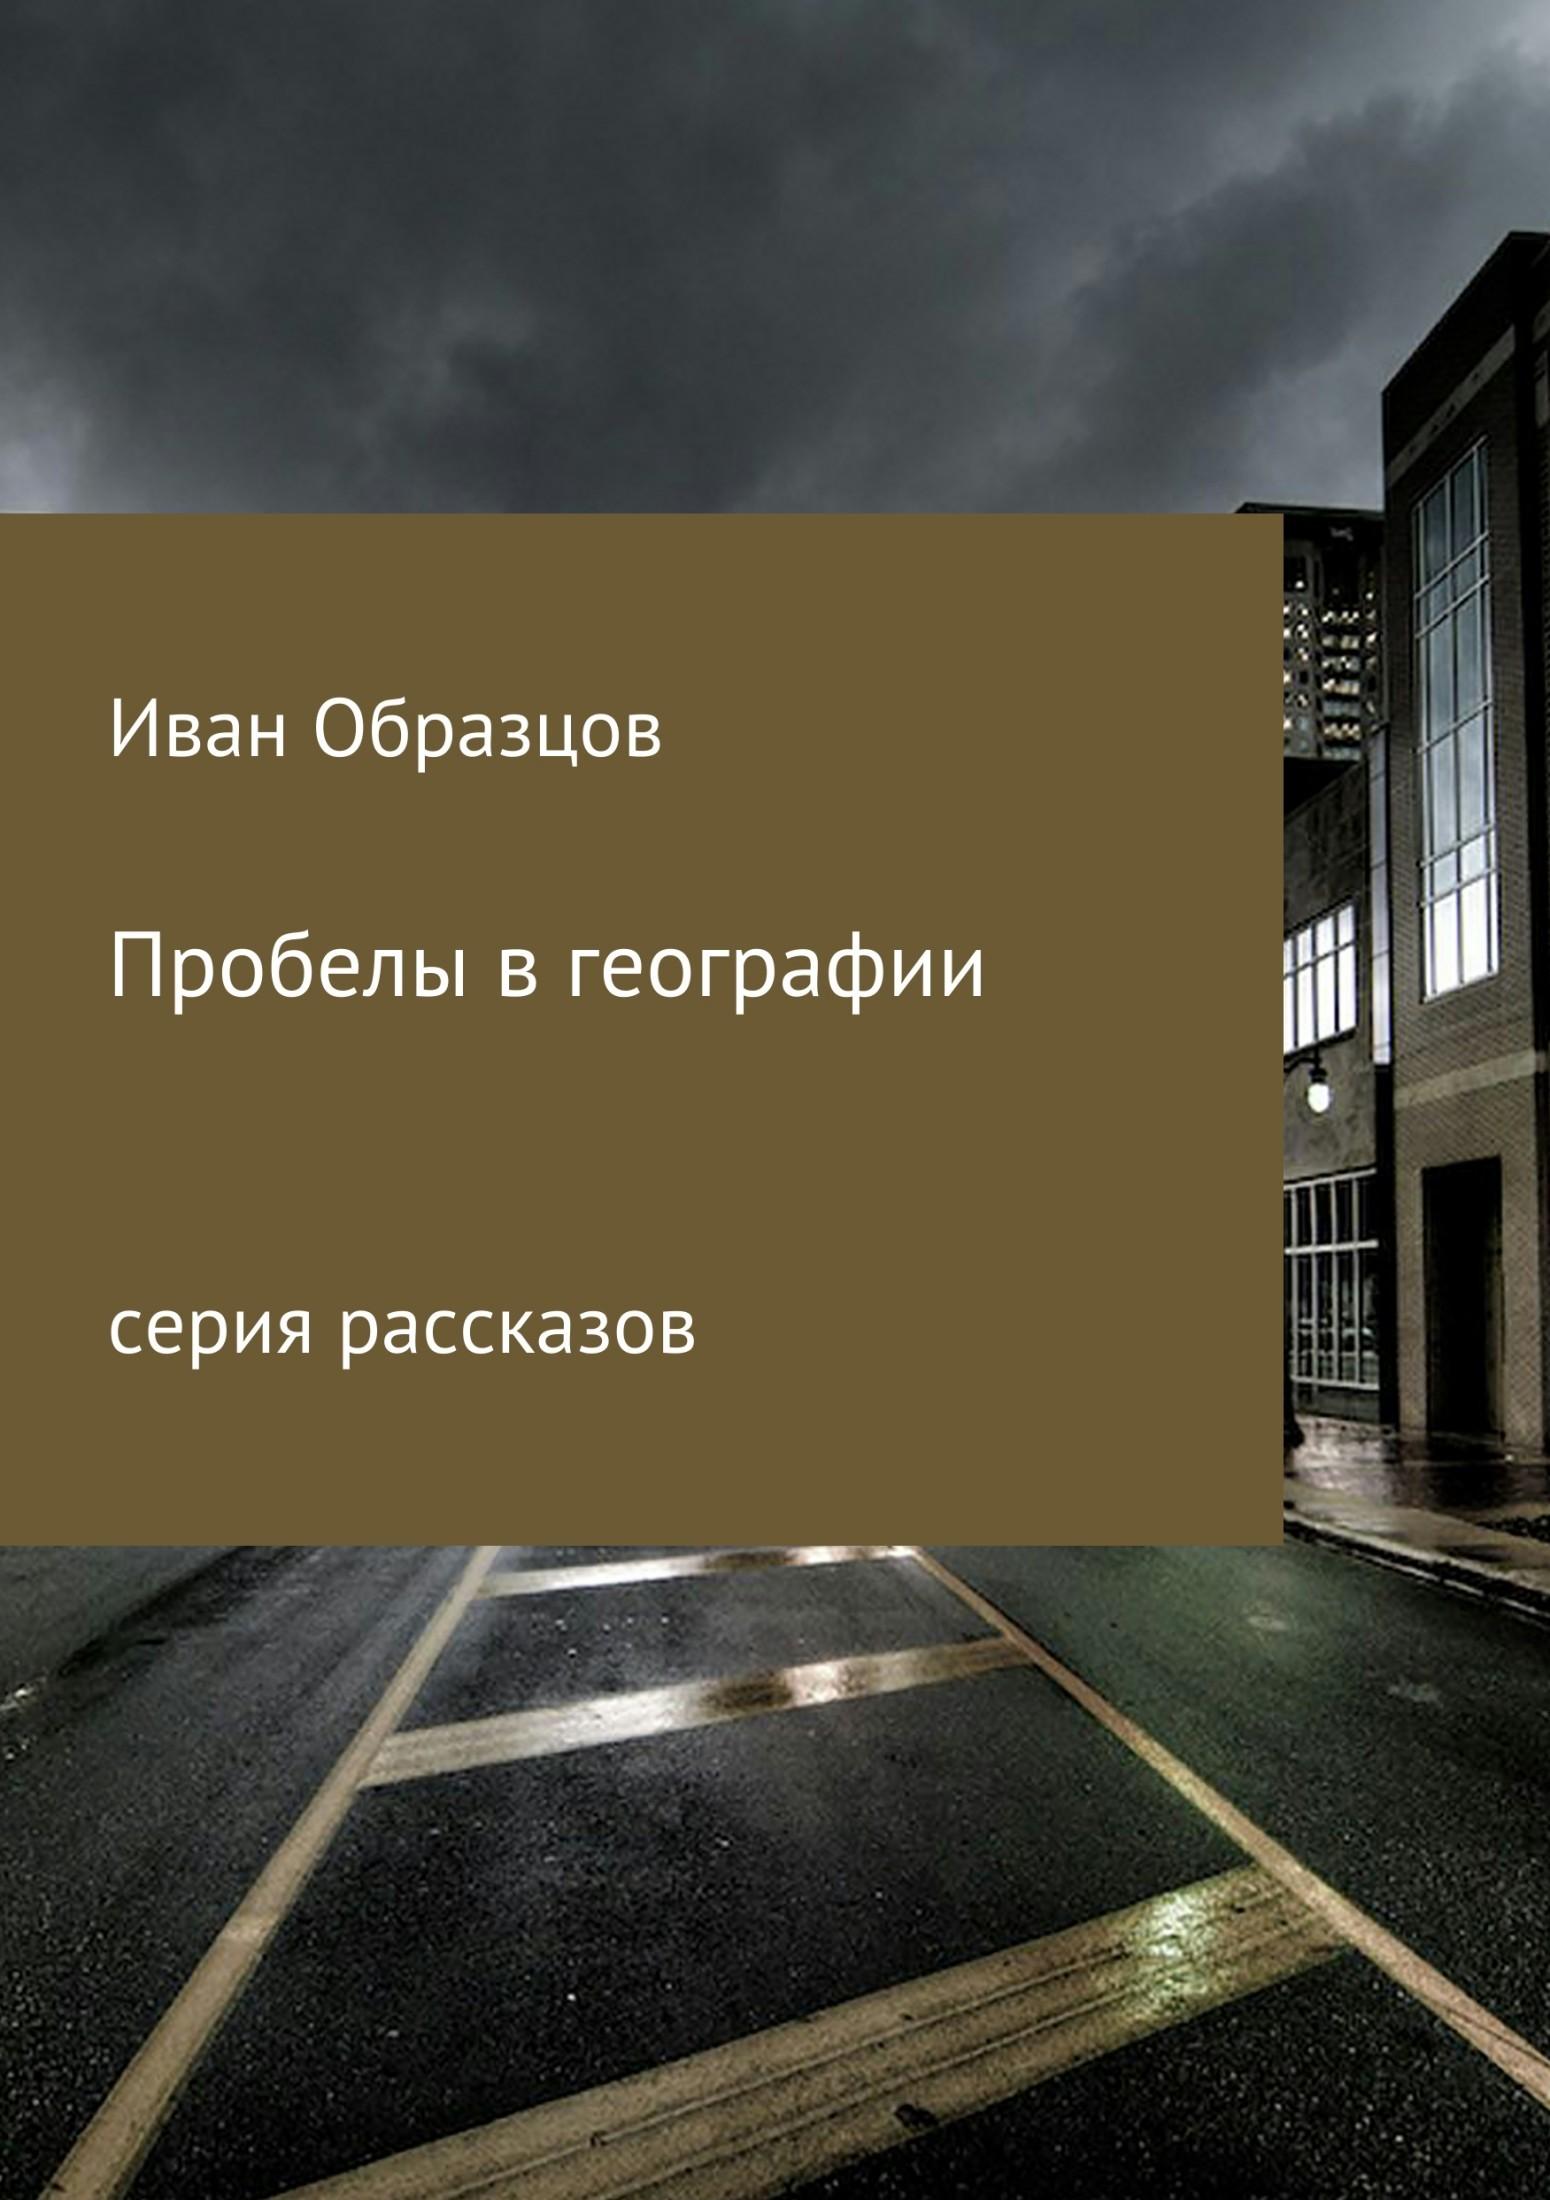 Иван Юрьевич Образцов Пробелы в географии. Серия рассказов цены онлайн